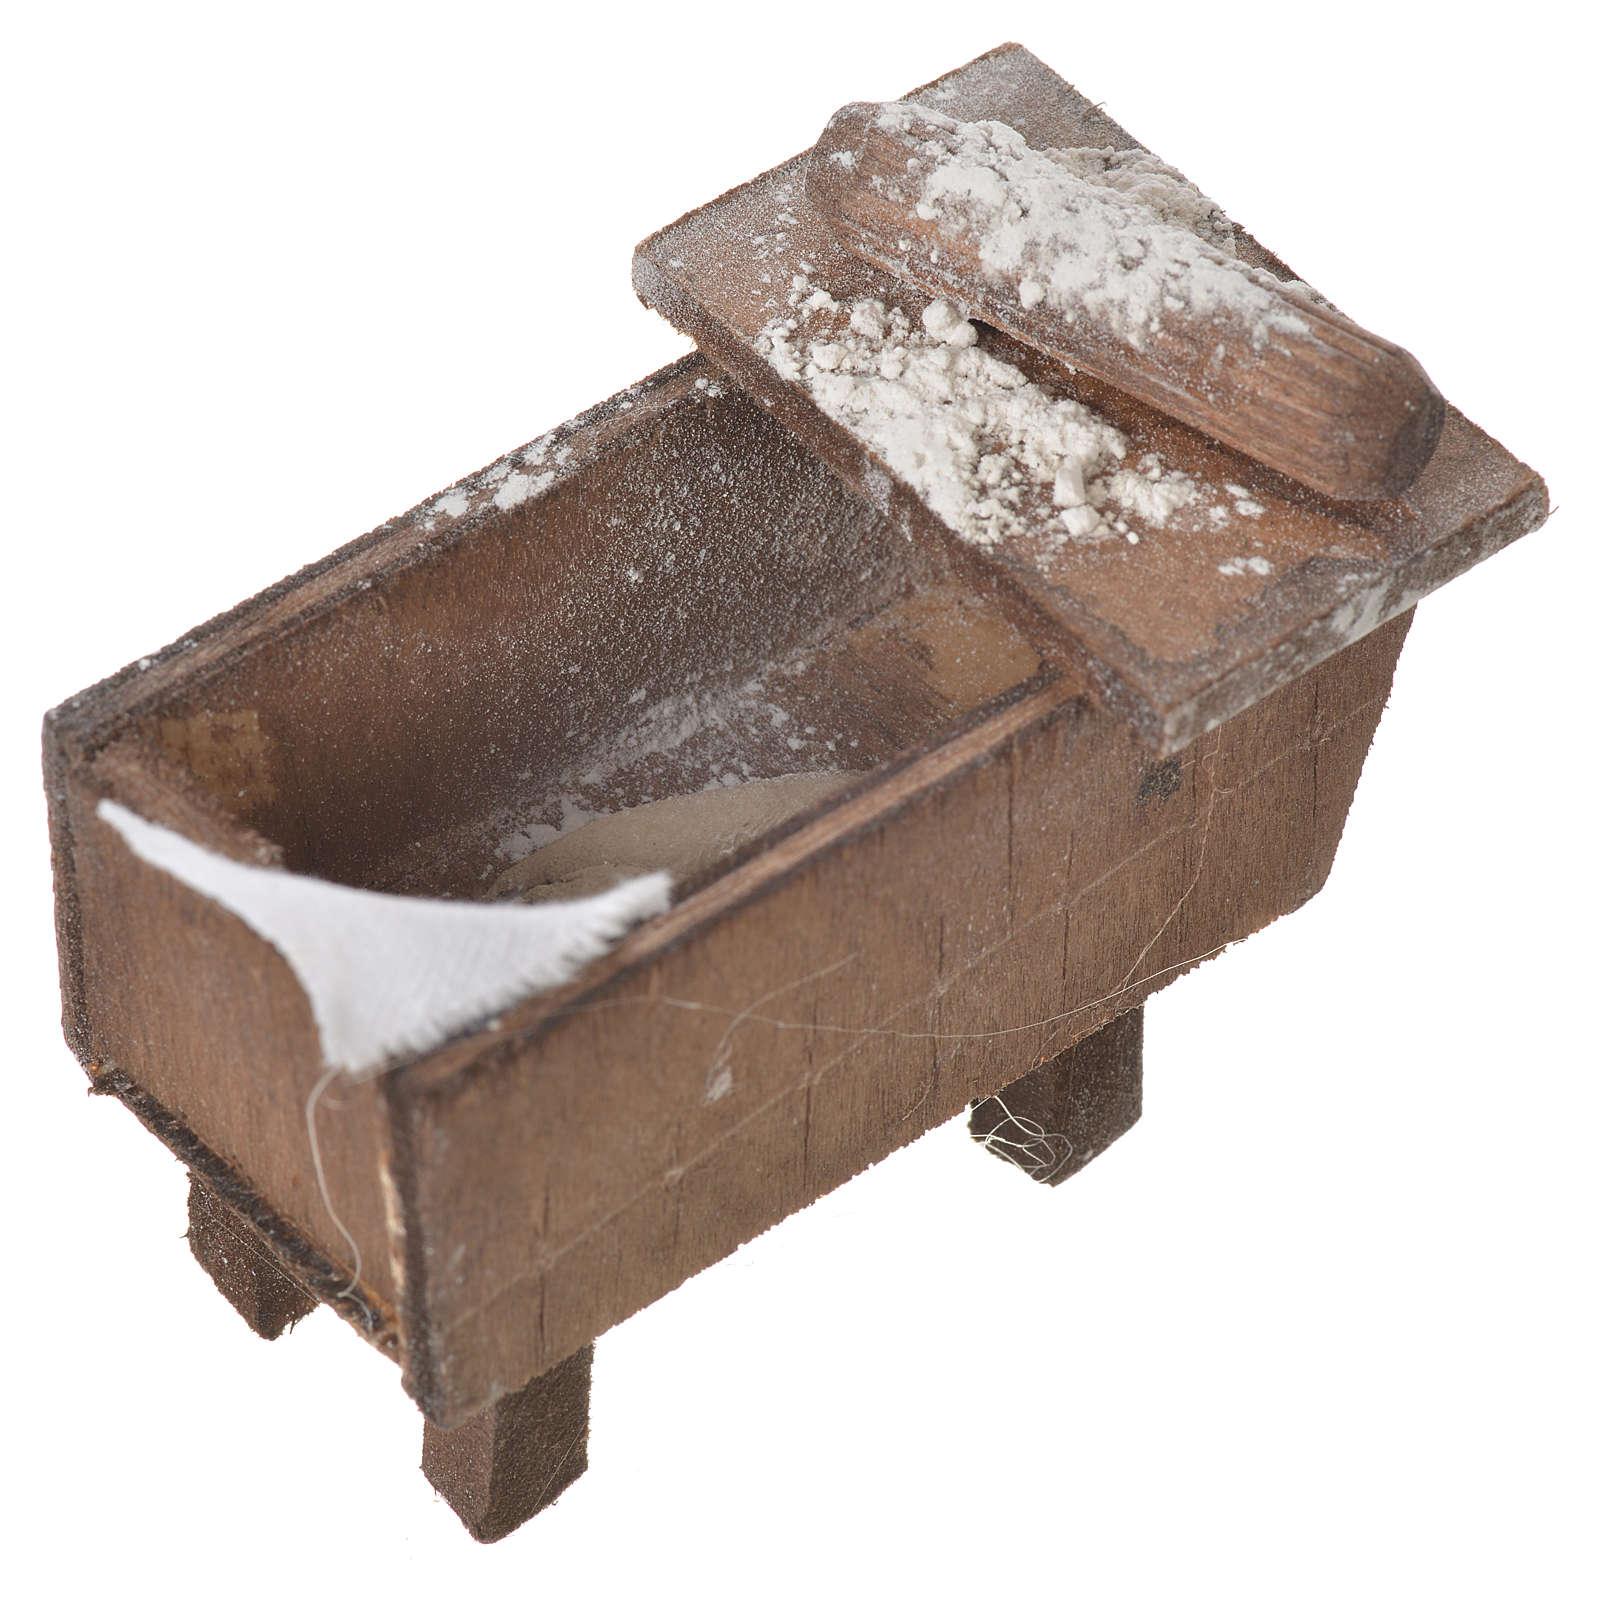 Boîte à pain terre cuite 5x7,5x4 cm 4